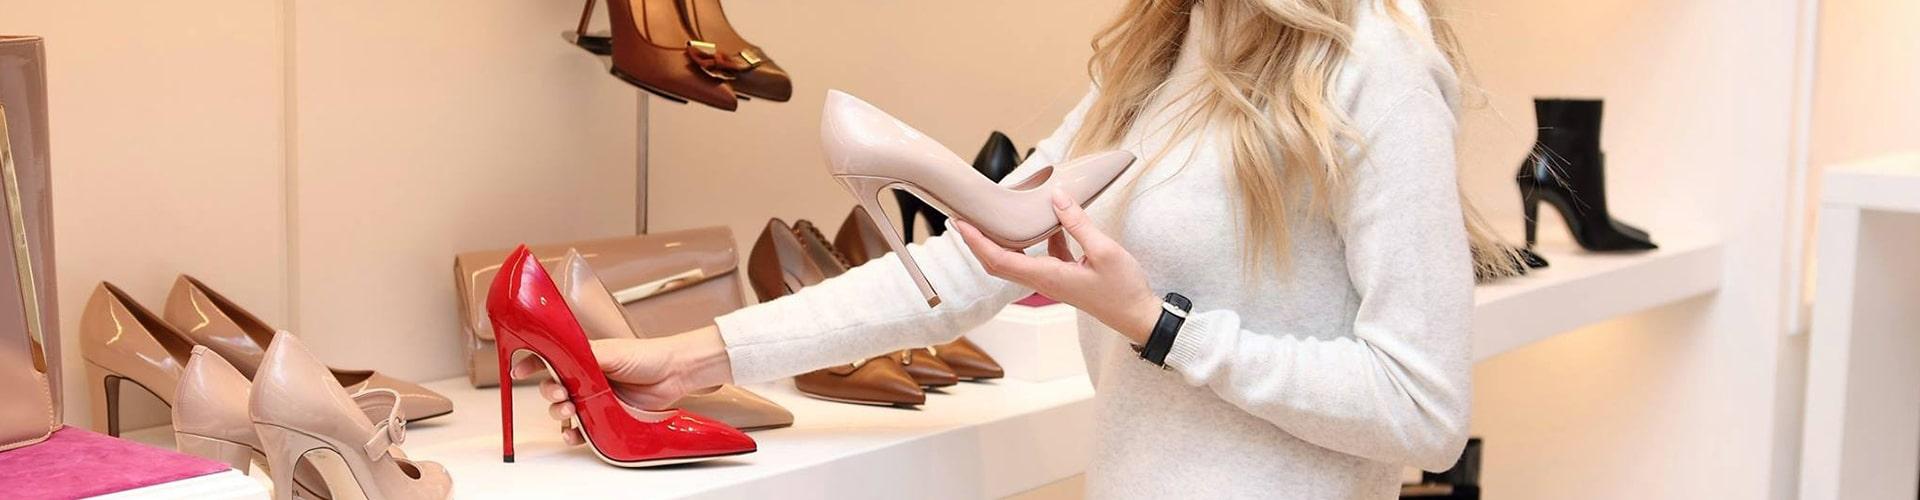 Slider schoenenwinkel